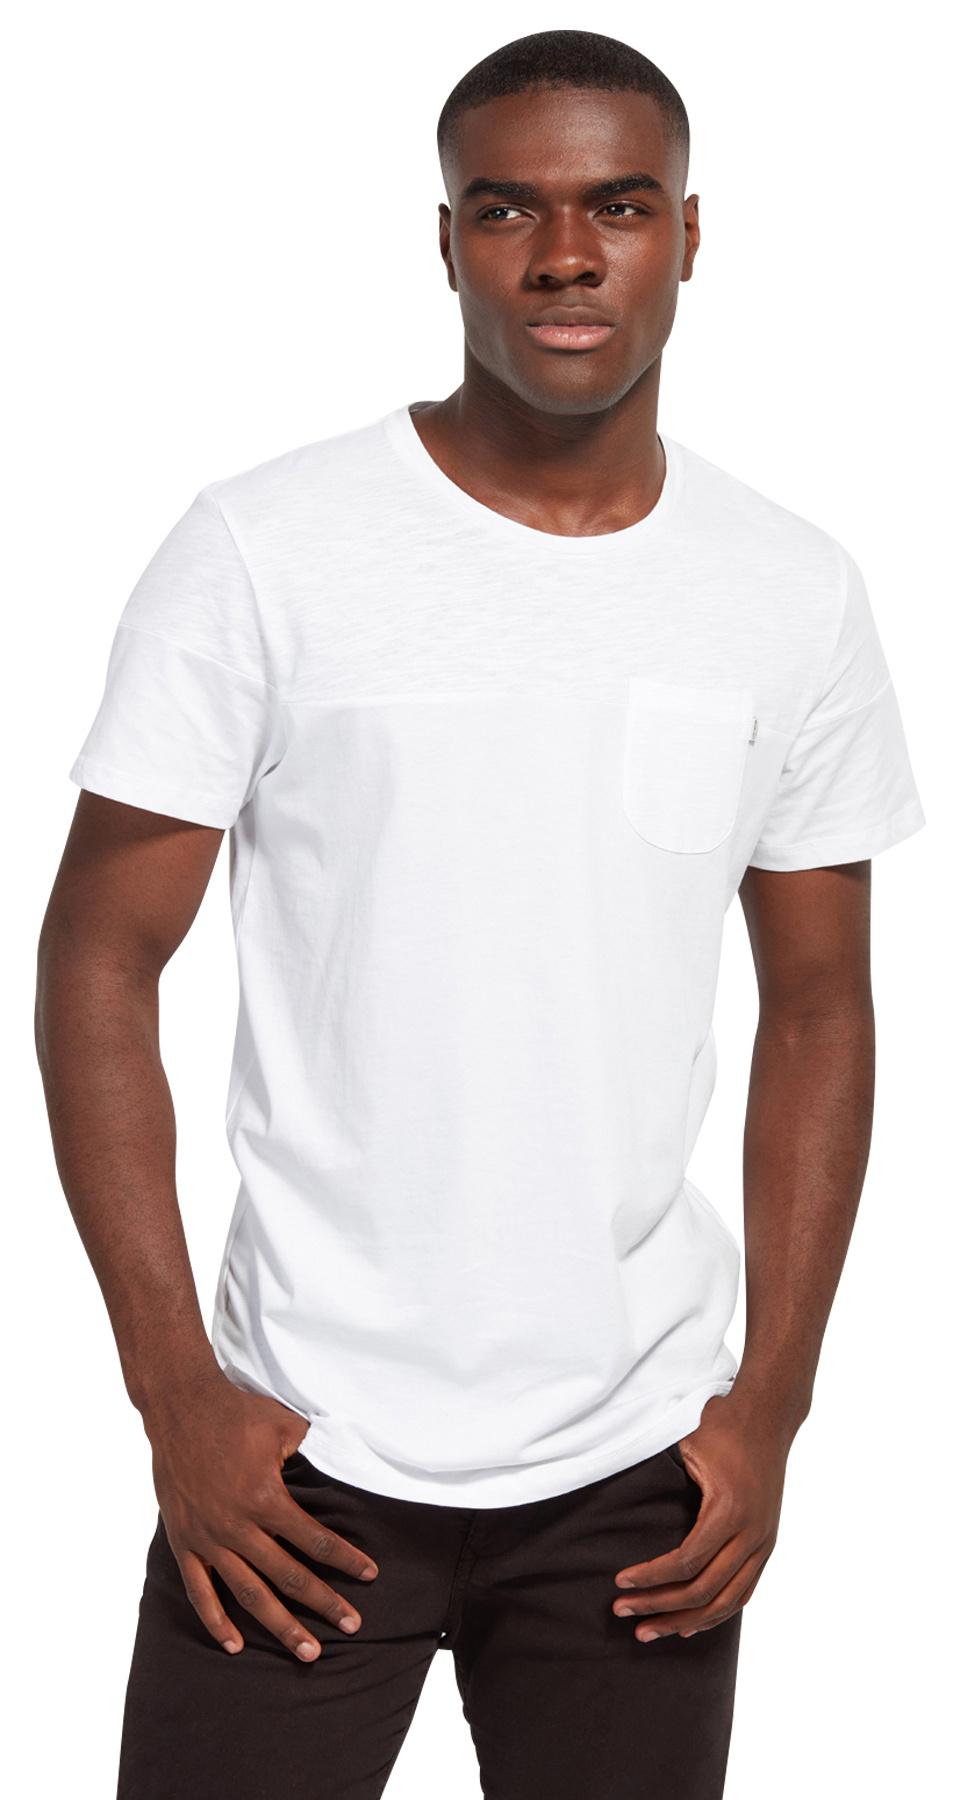 Tom Tailor triko s kapsičkou 10385930071/2000 Bílá XL